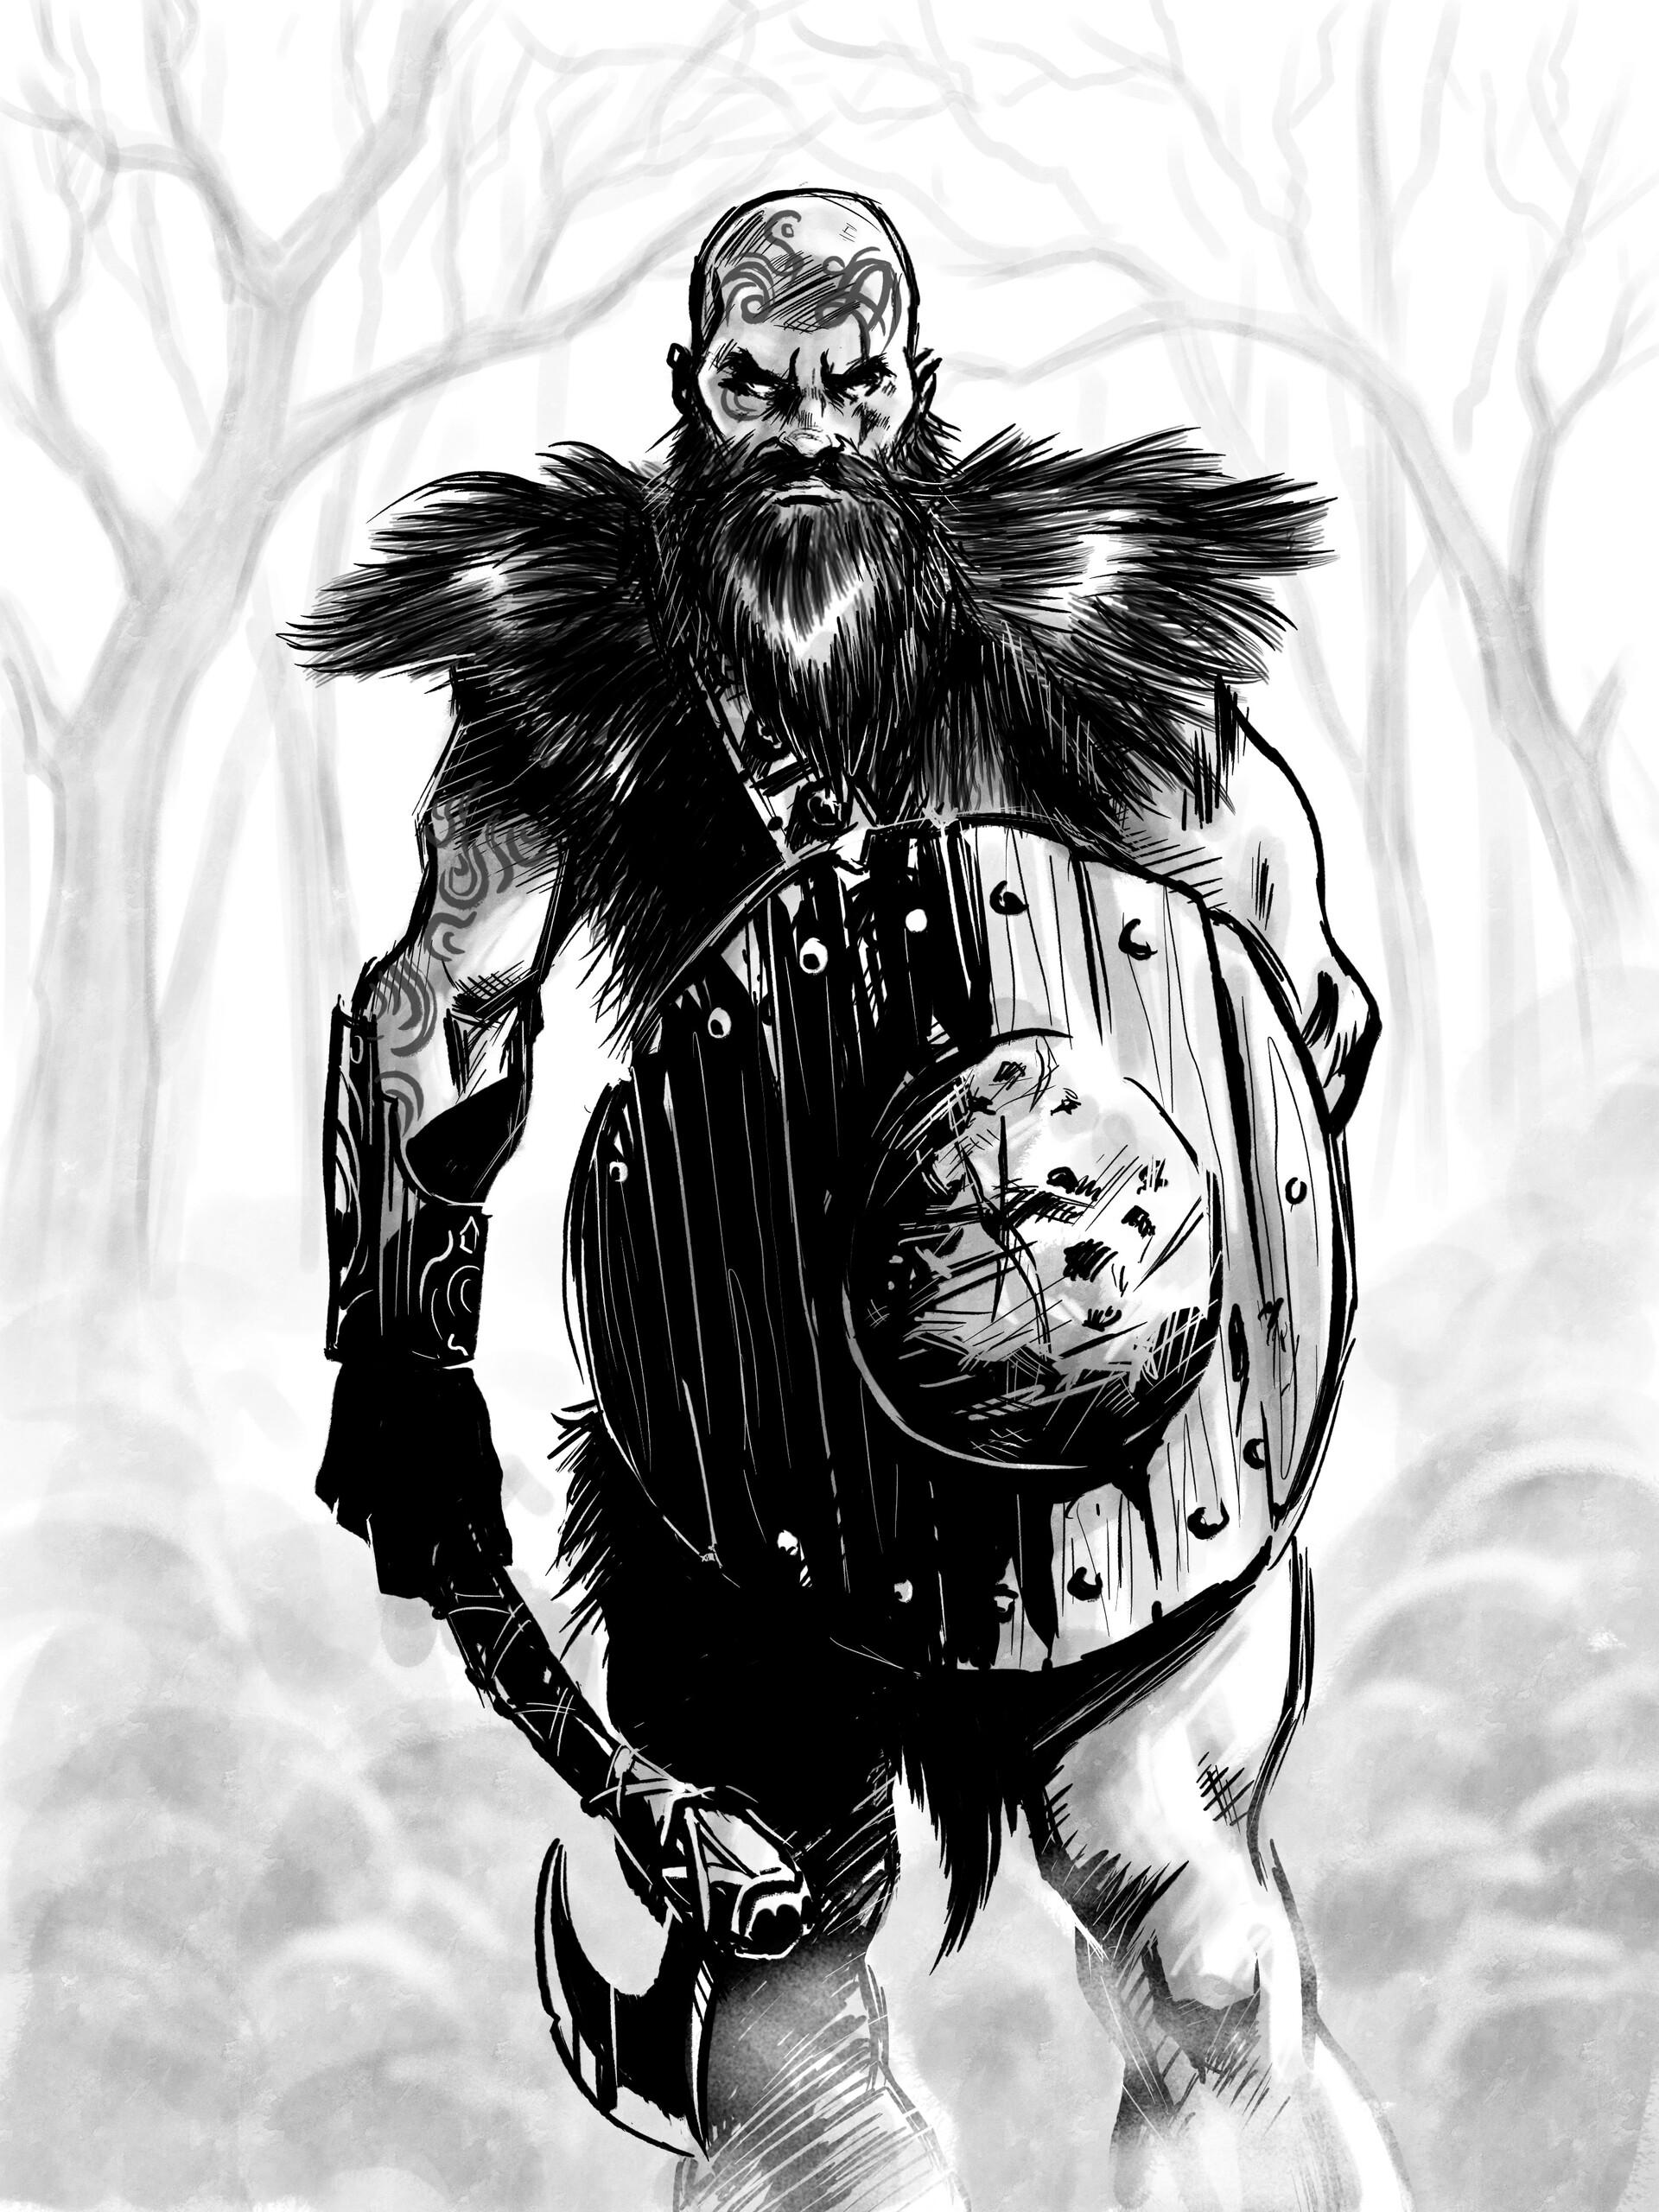 Lance laspina vikingwithaxe